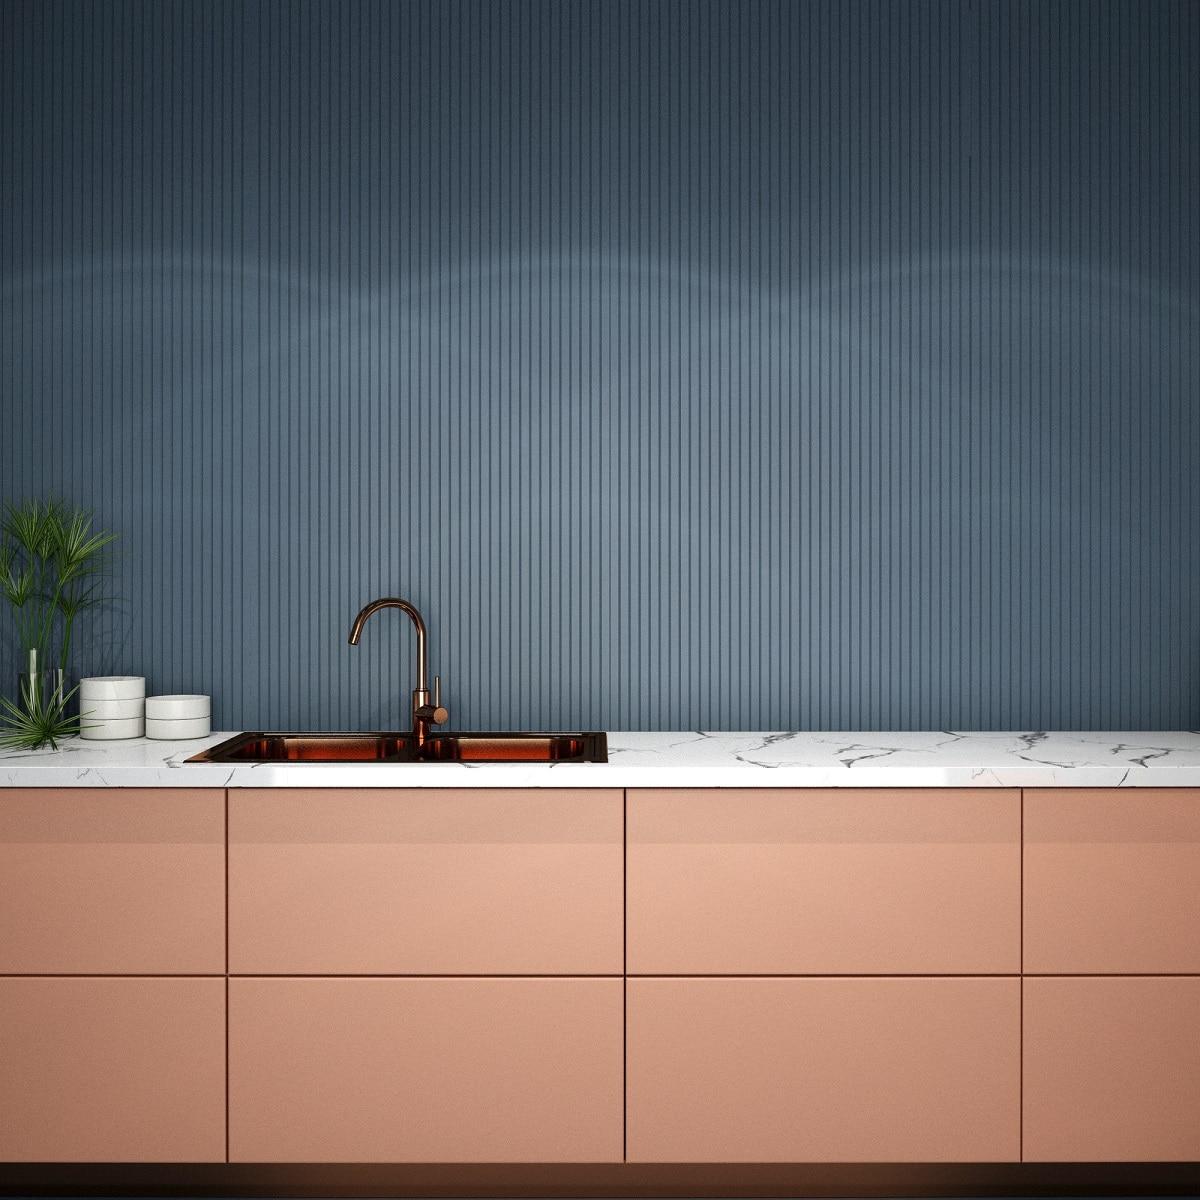 Besonders elegant wirkt das Zusammenspiel von Kupfer und Marmor. (Foto: Stock Adobe/TATTA)